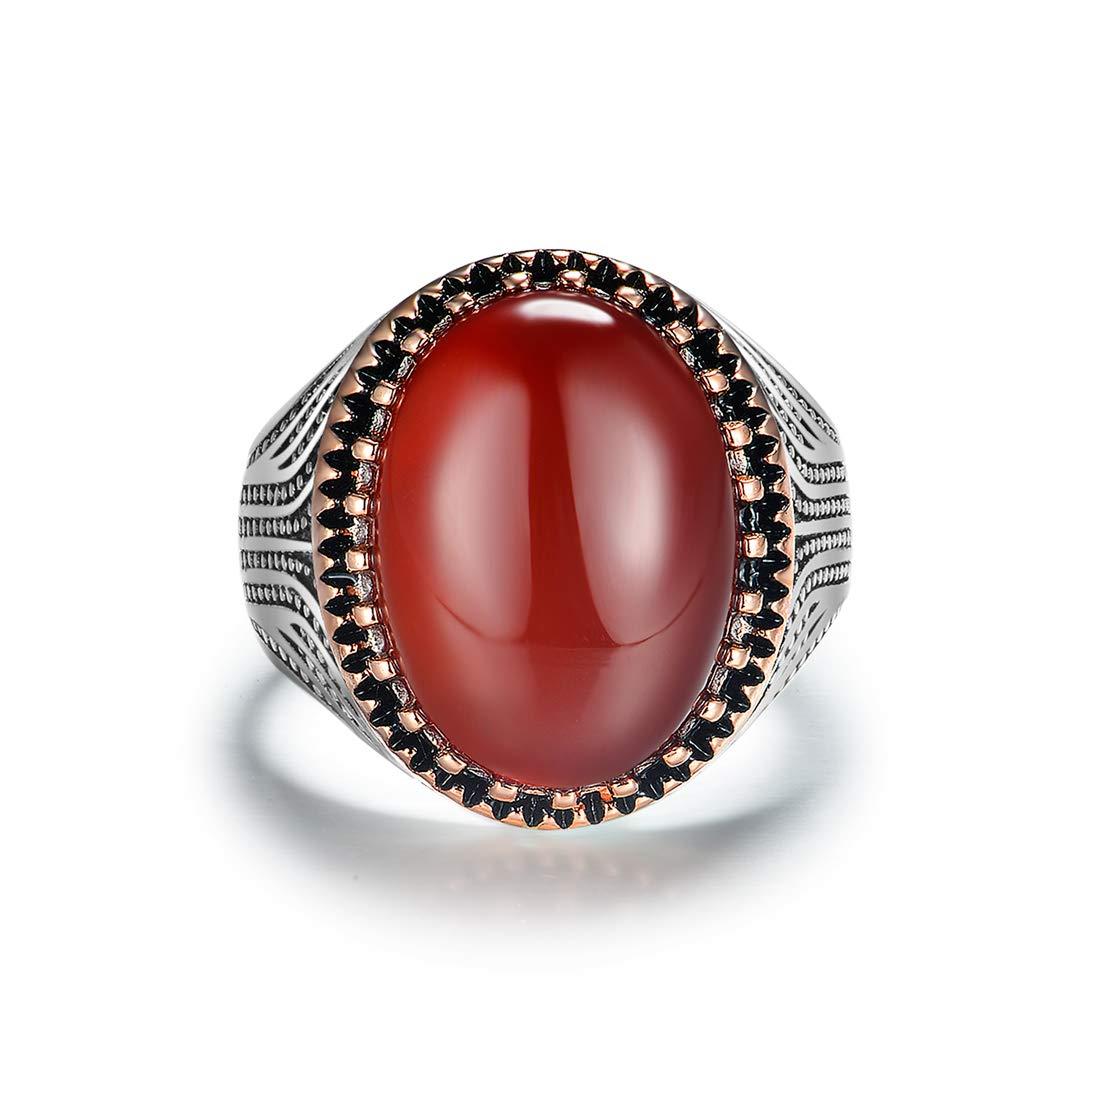 JiangXin Luxe Classique Agate Ovale Rouge Bague Homme Argent Sterling 925 Anneau en pour Fian/çailles Alliance Mariage Anniversaire Cadeau parfait